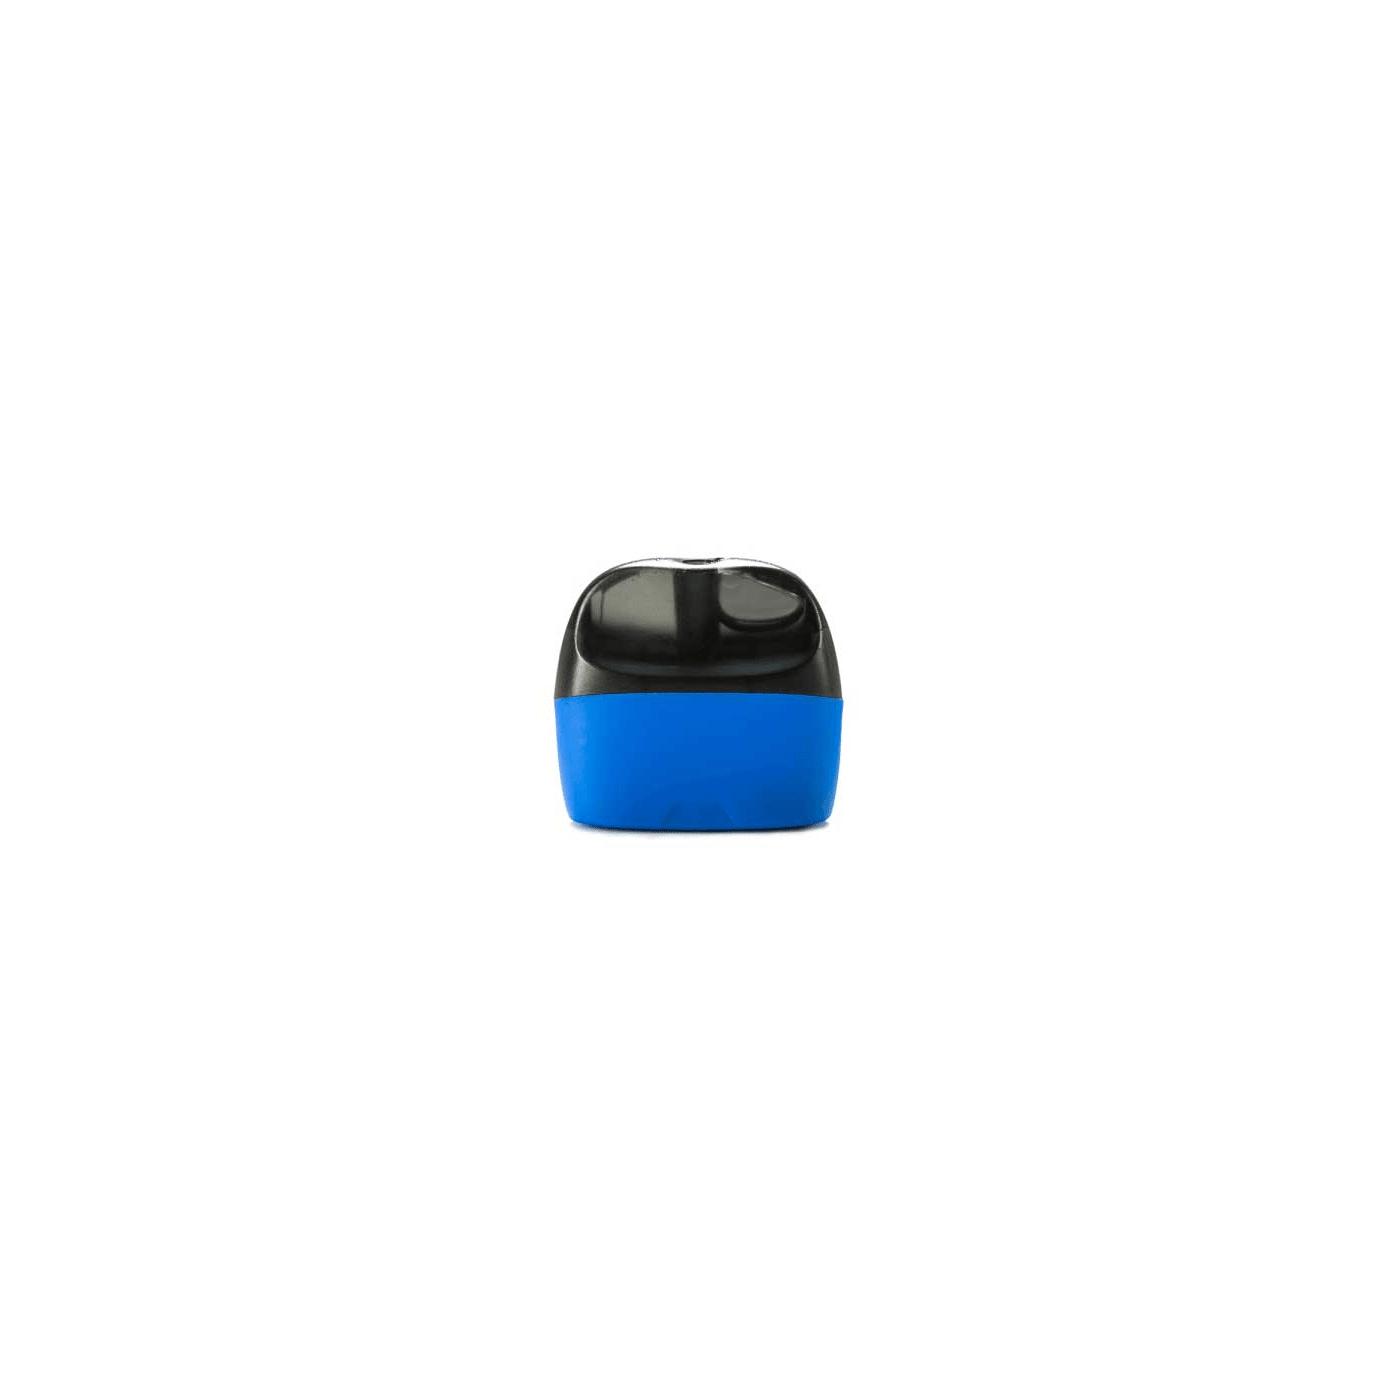 SMPO Pod Menthol - 2 Pack